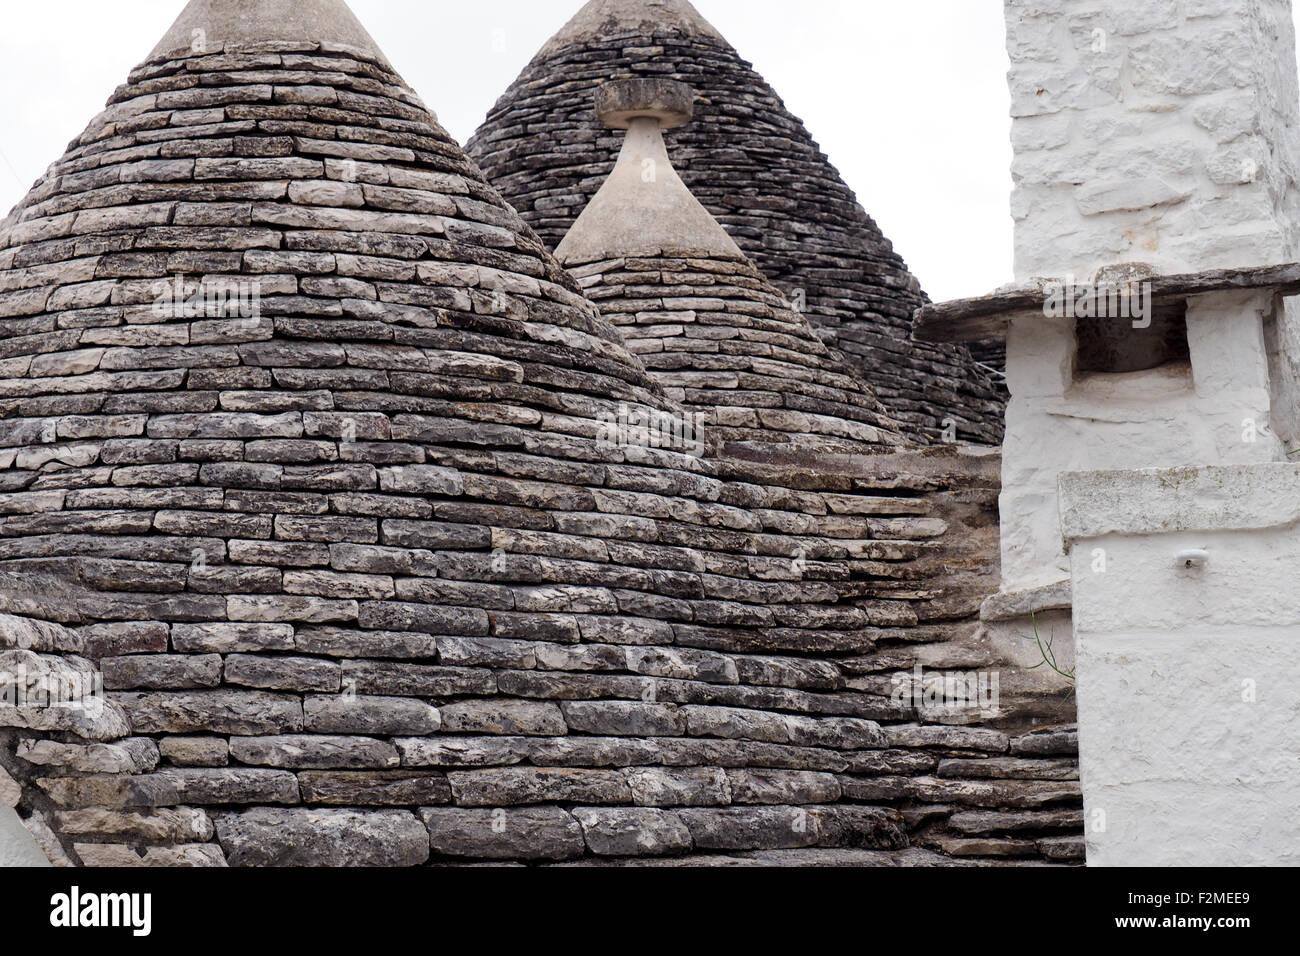 Pared y techo de piedra cónica de un trullo house. Imagen De Stock